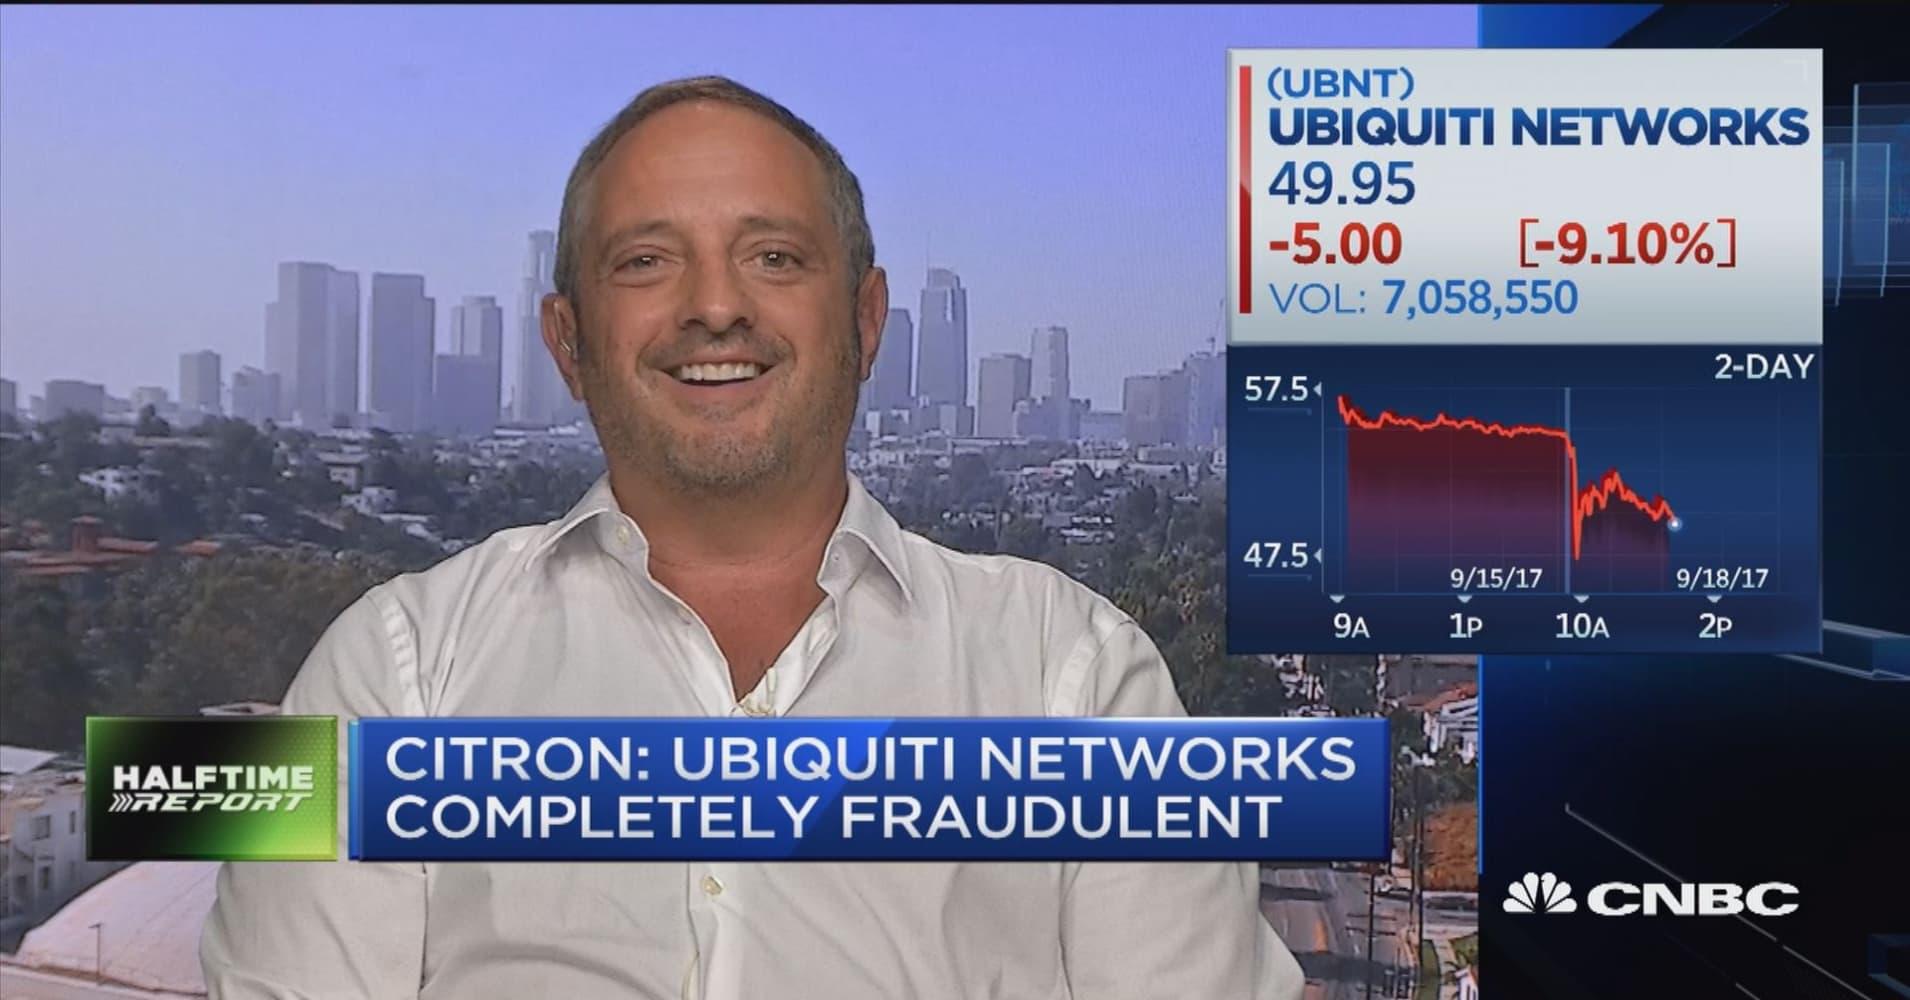 Short-seller Andrew Left targets Ubiquiti Networks